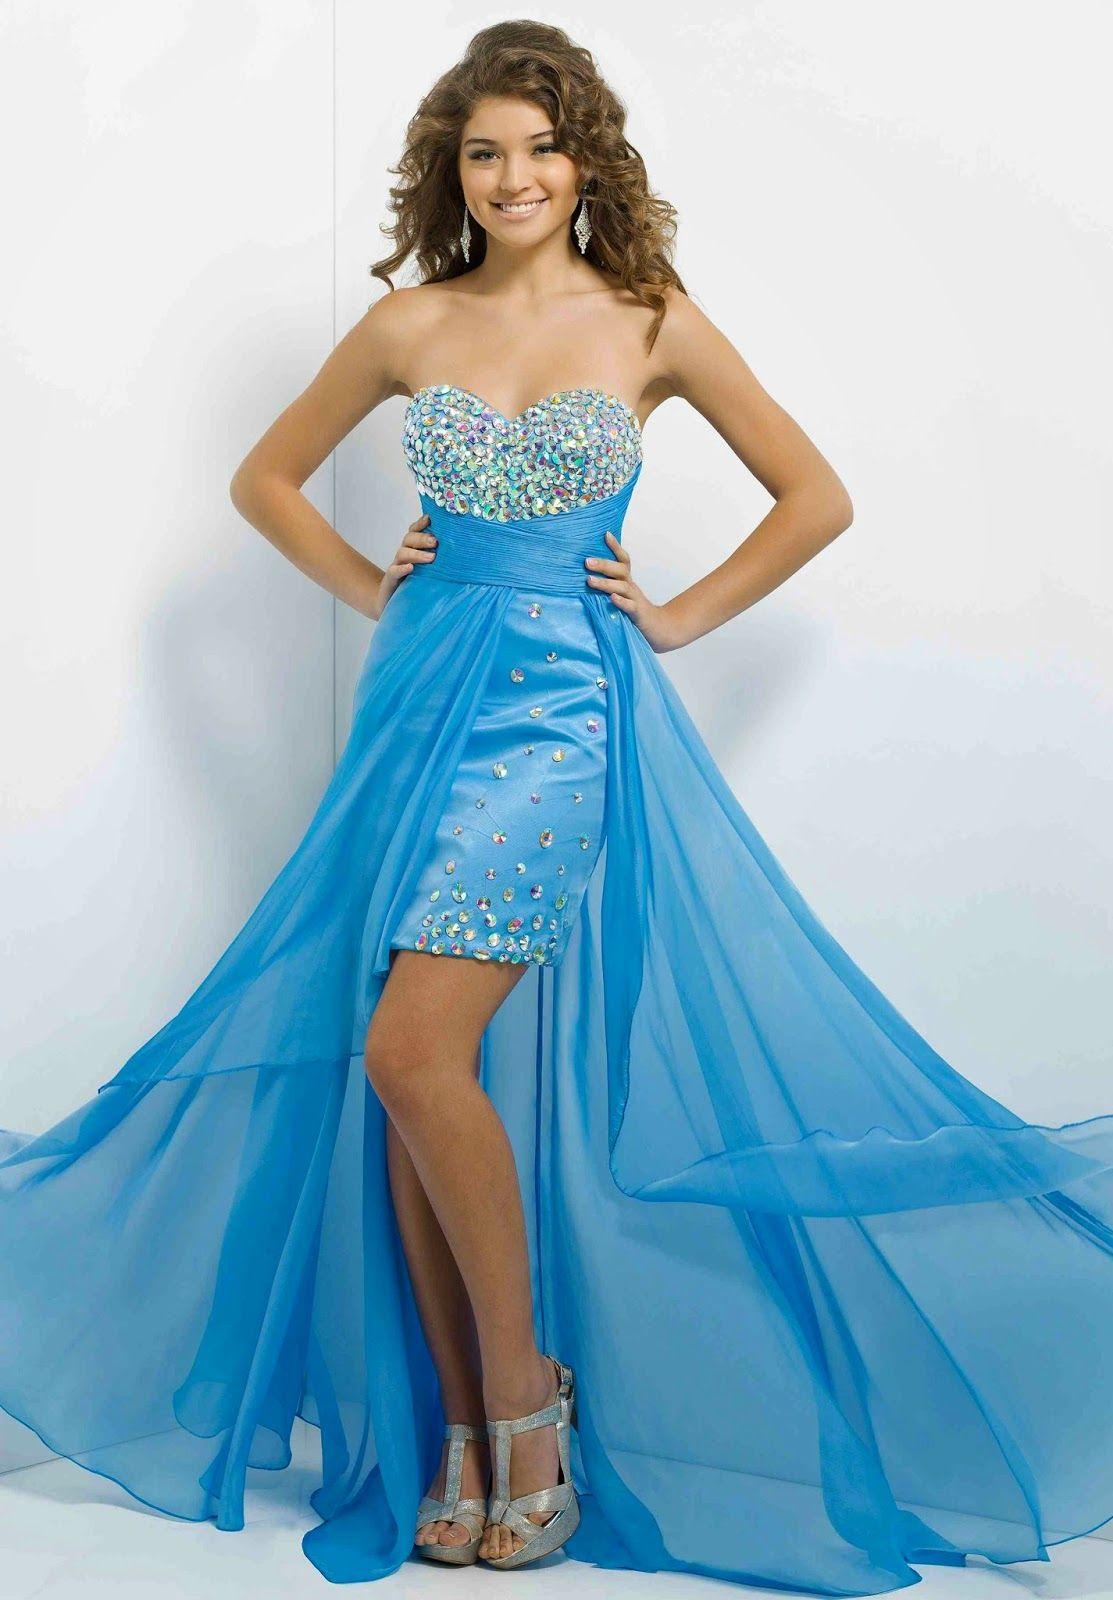 Bonitos vestidos Largos de fiesta para jovencitas | Especial ...